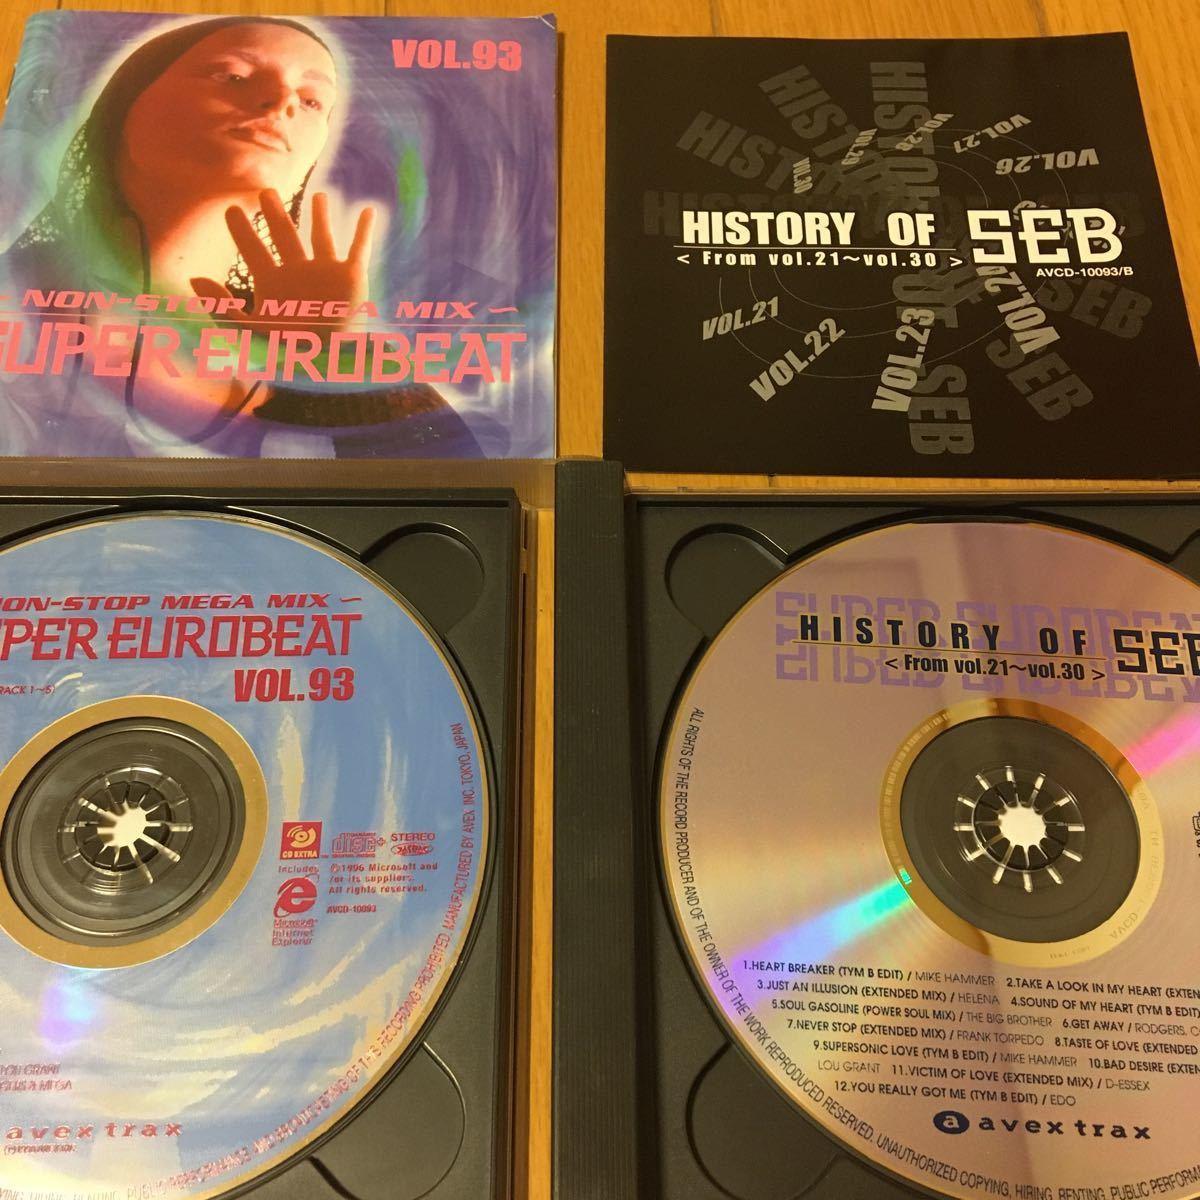 ネコポス送料無料☆匿名発送☆2CD☆super Eurobeat vol.93☆スーパーユーロビート vol.93☆avex trax☆エイベックス☆_画像3